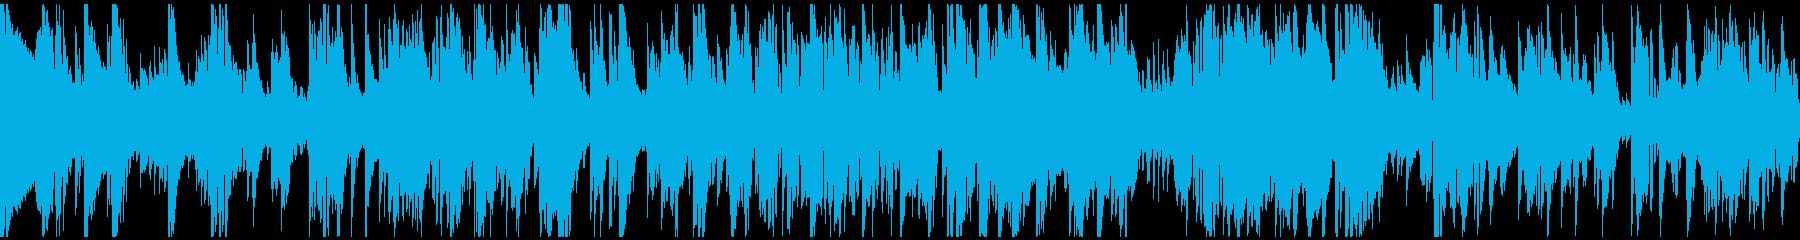 ムーディーなサックスバラード ※ループ版の再生済みの波形